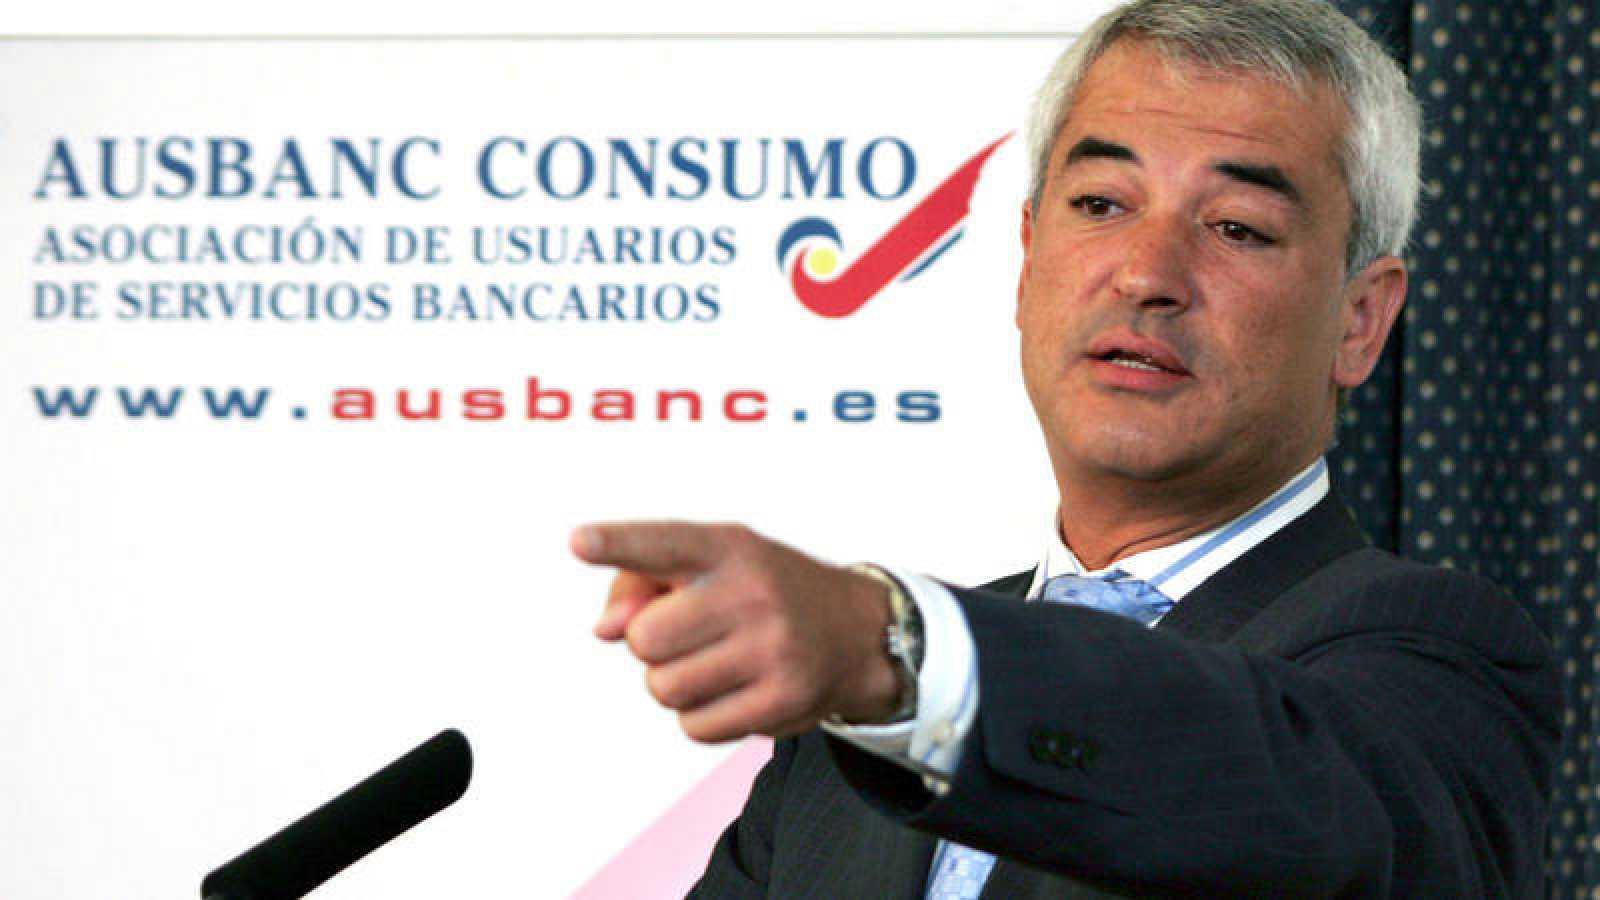 El presidente de Ausbanc, Luis Pineda, en una imagen de archivo